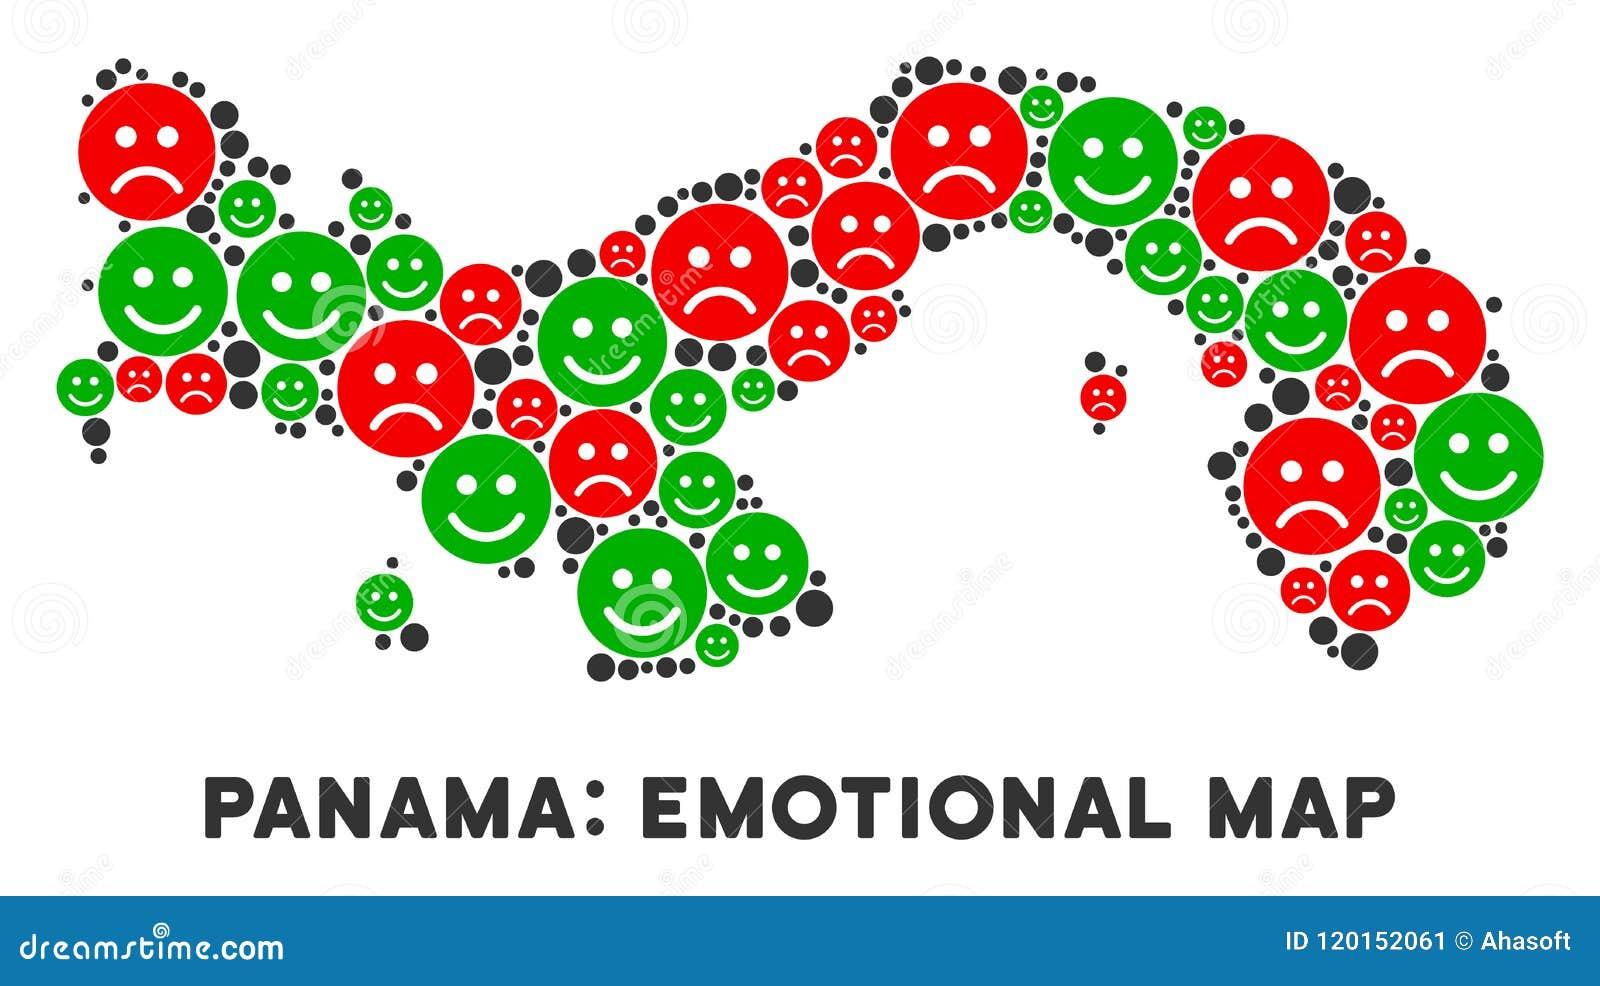 Mosaico emocional del mapa de Panamá del vector de smiley